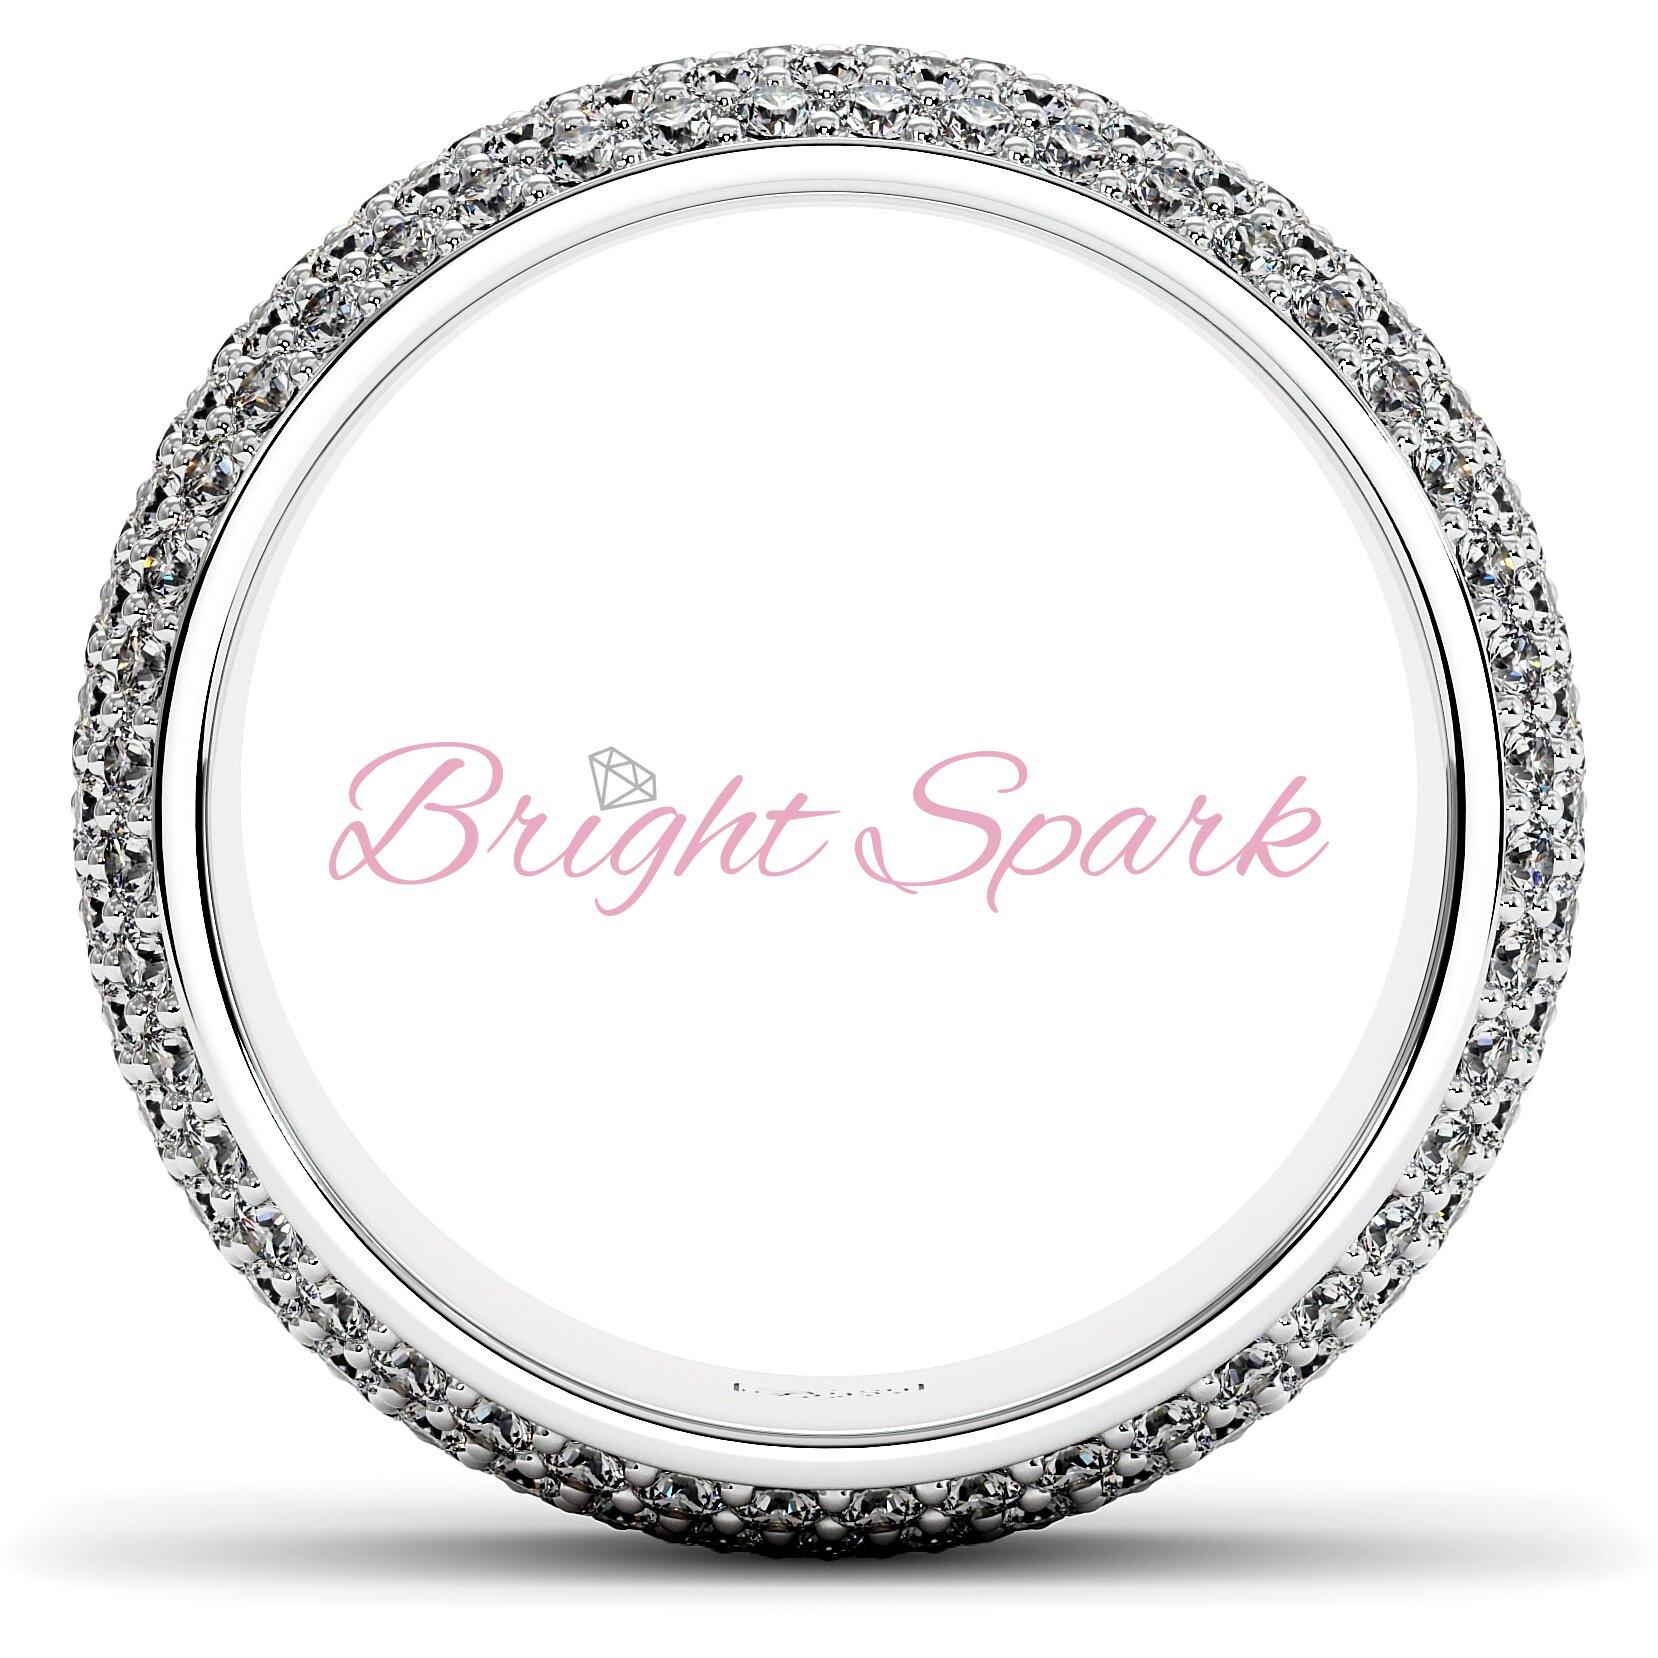 Широкое кольцо белого золота с россыпью камней Paolina на 2,6 карата